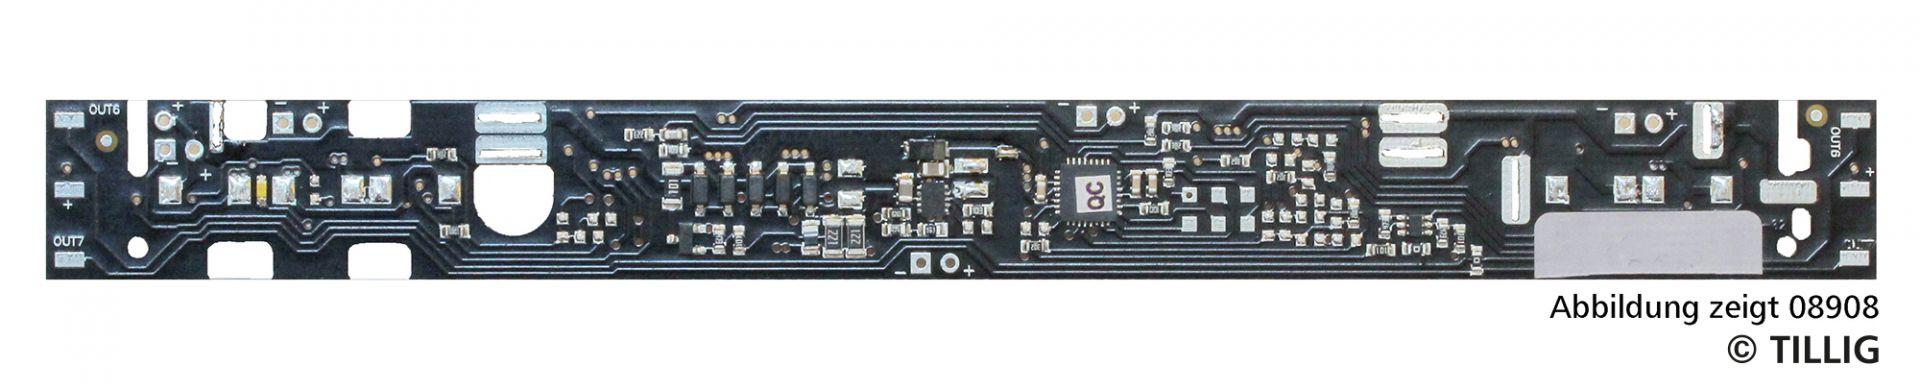 TT LED-Innenbeleuchtung analog / digital Bausatz für Reisezugwagen 2. Klasse Typ B, Y, Y/B70